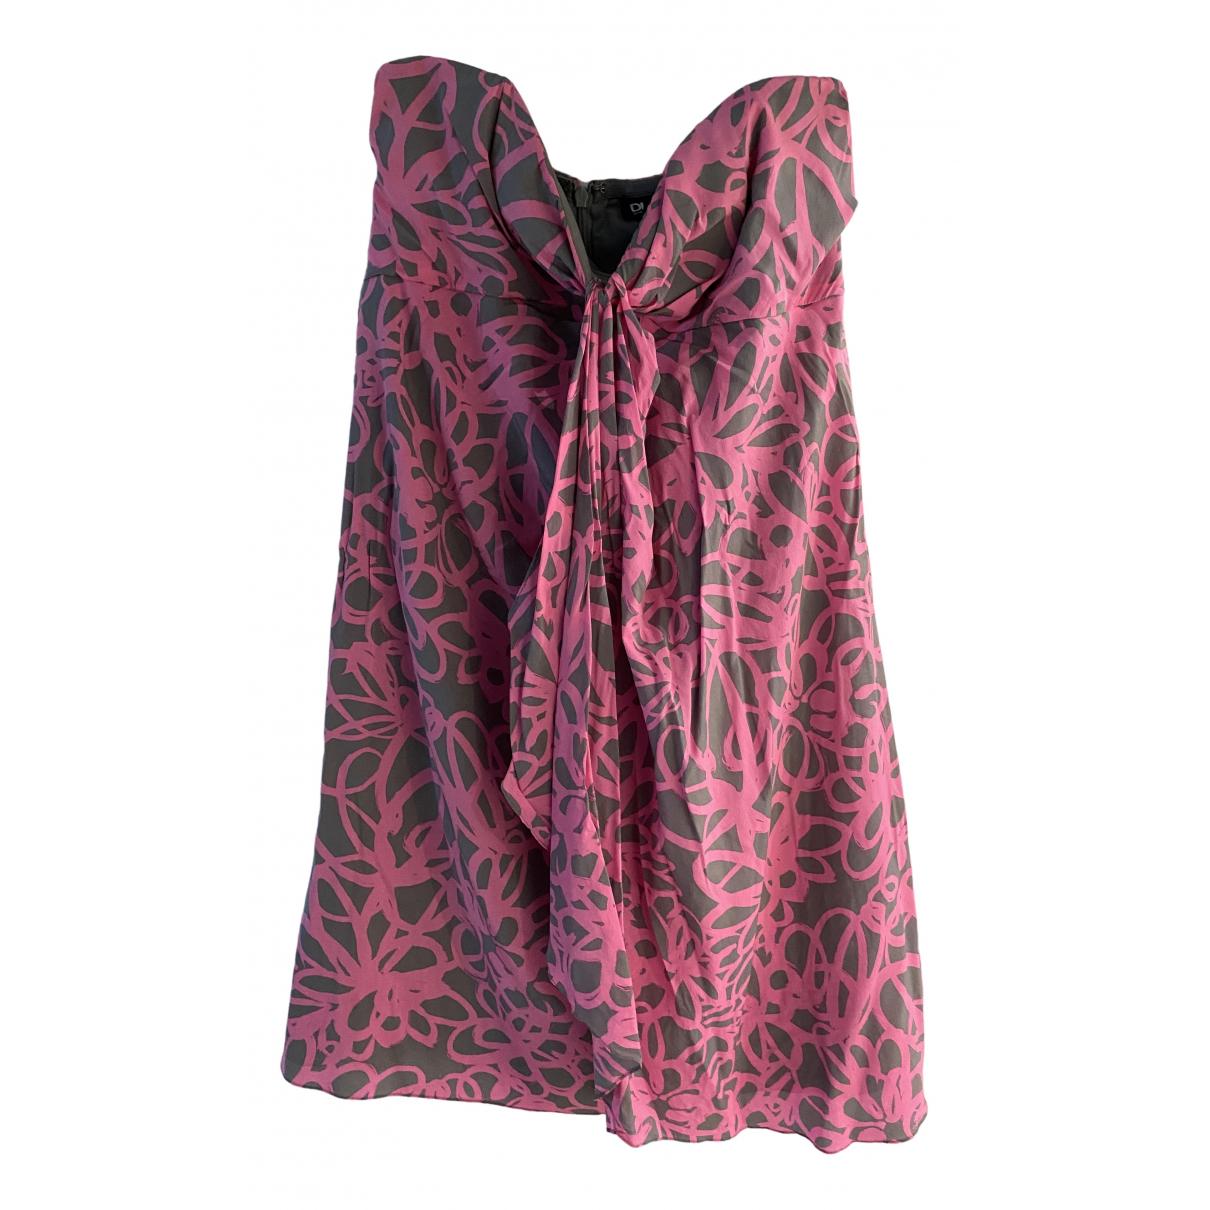 Dkny \N Kleid in  Rosa Seide